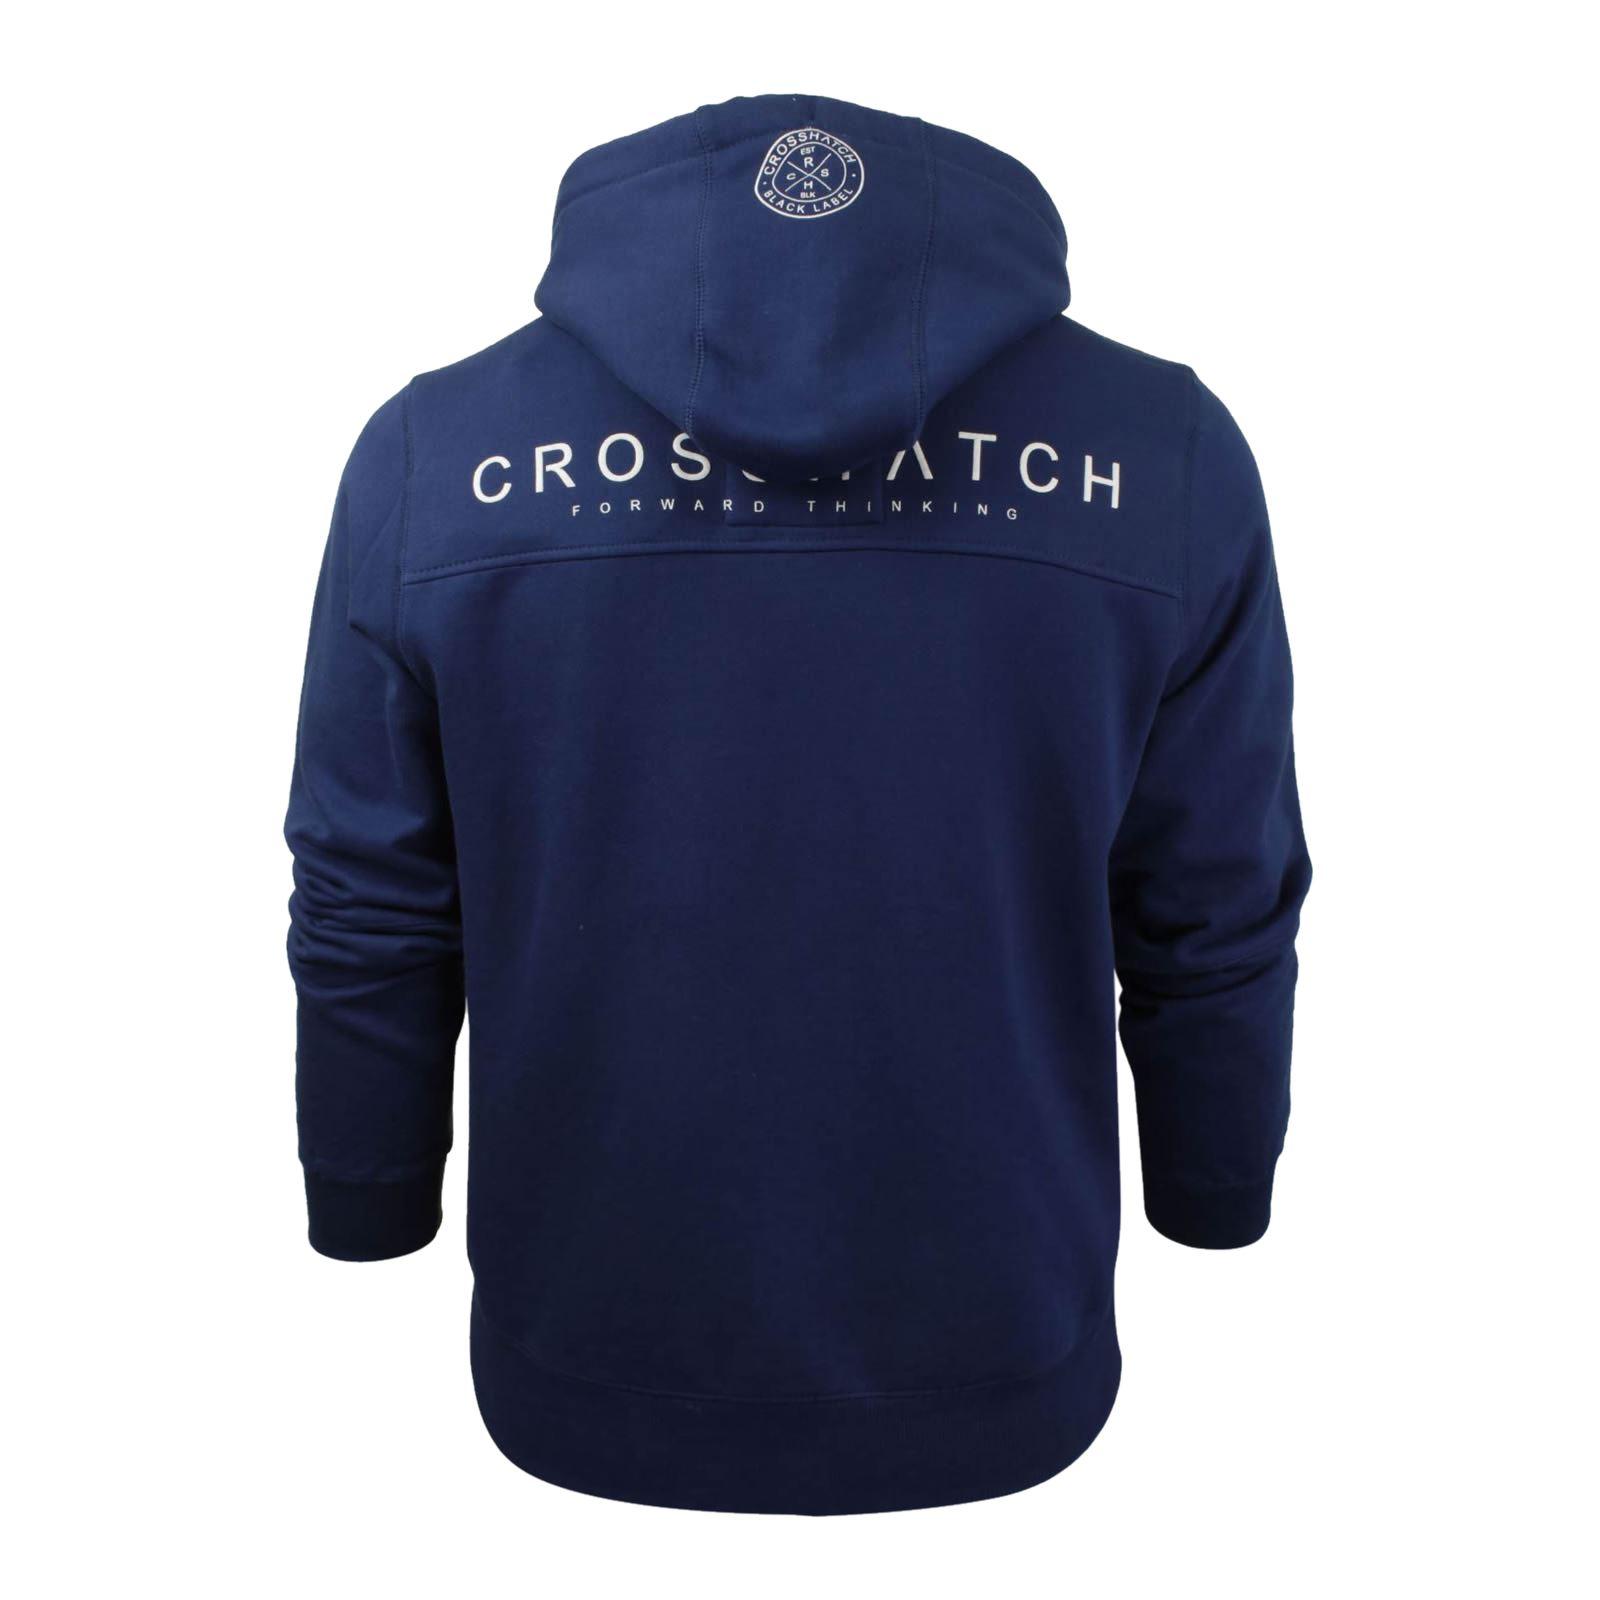 Mens-Hoodie-Crosshatch-Ribbler-Zip-Up-Hooded-Jacket-Pullover-Jumper-Sweatershirt thumbnail 25